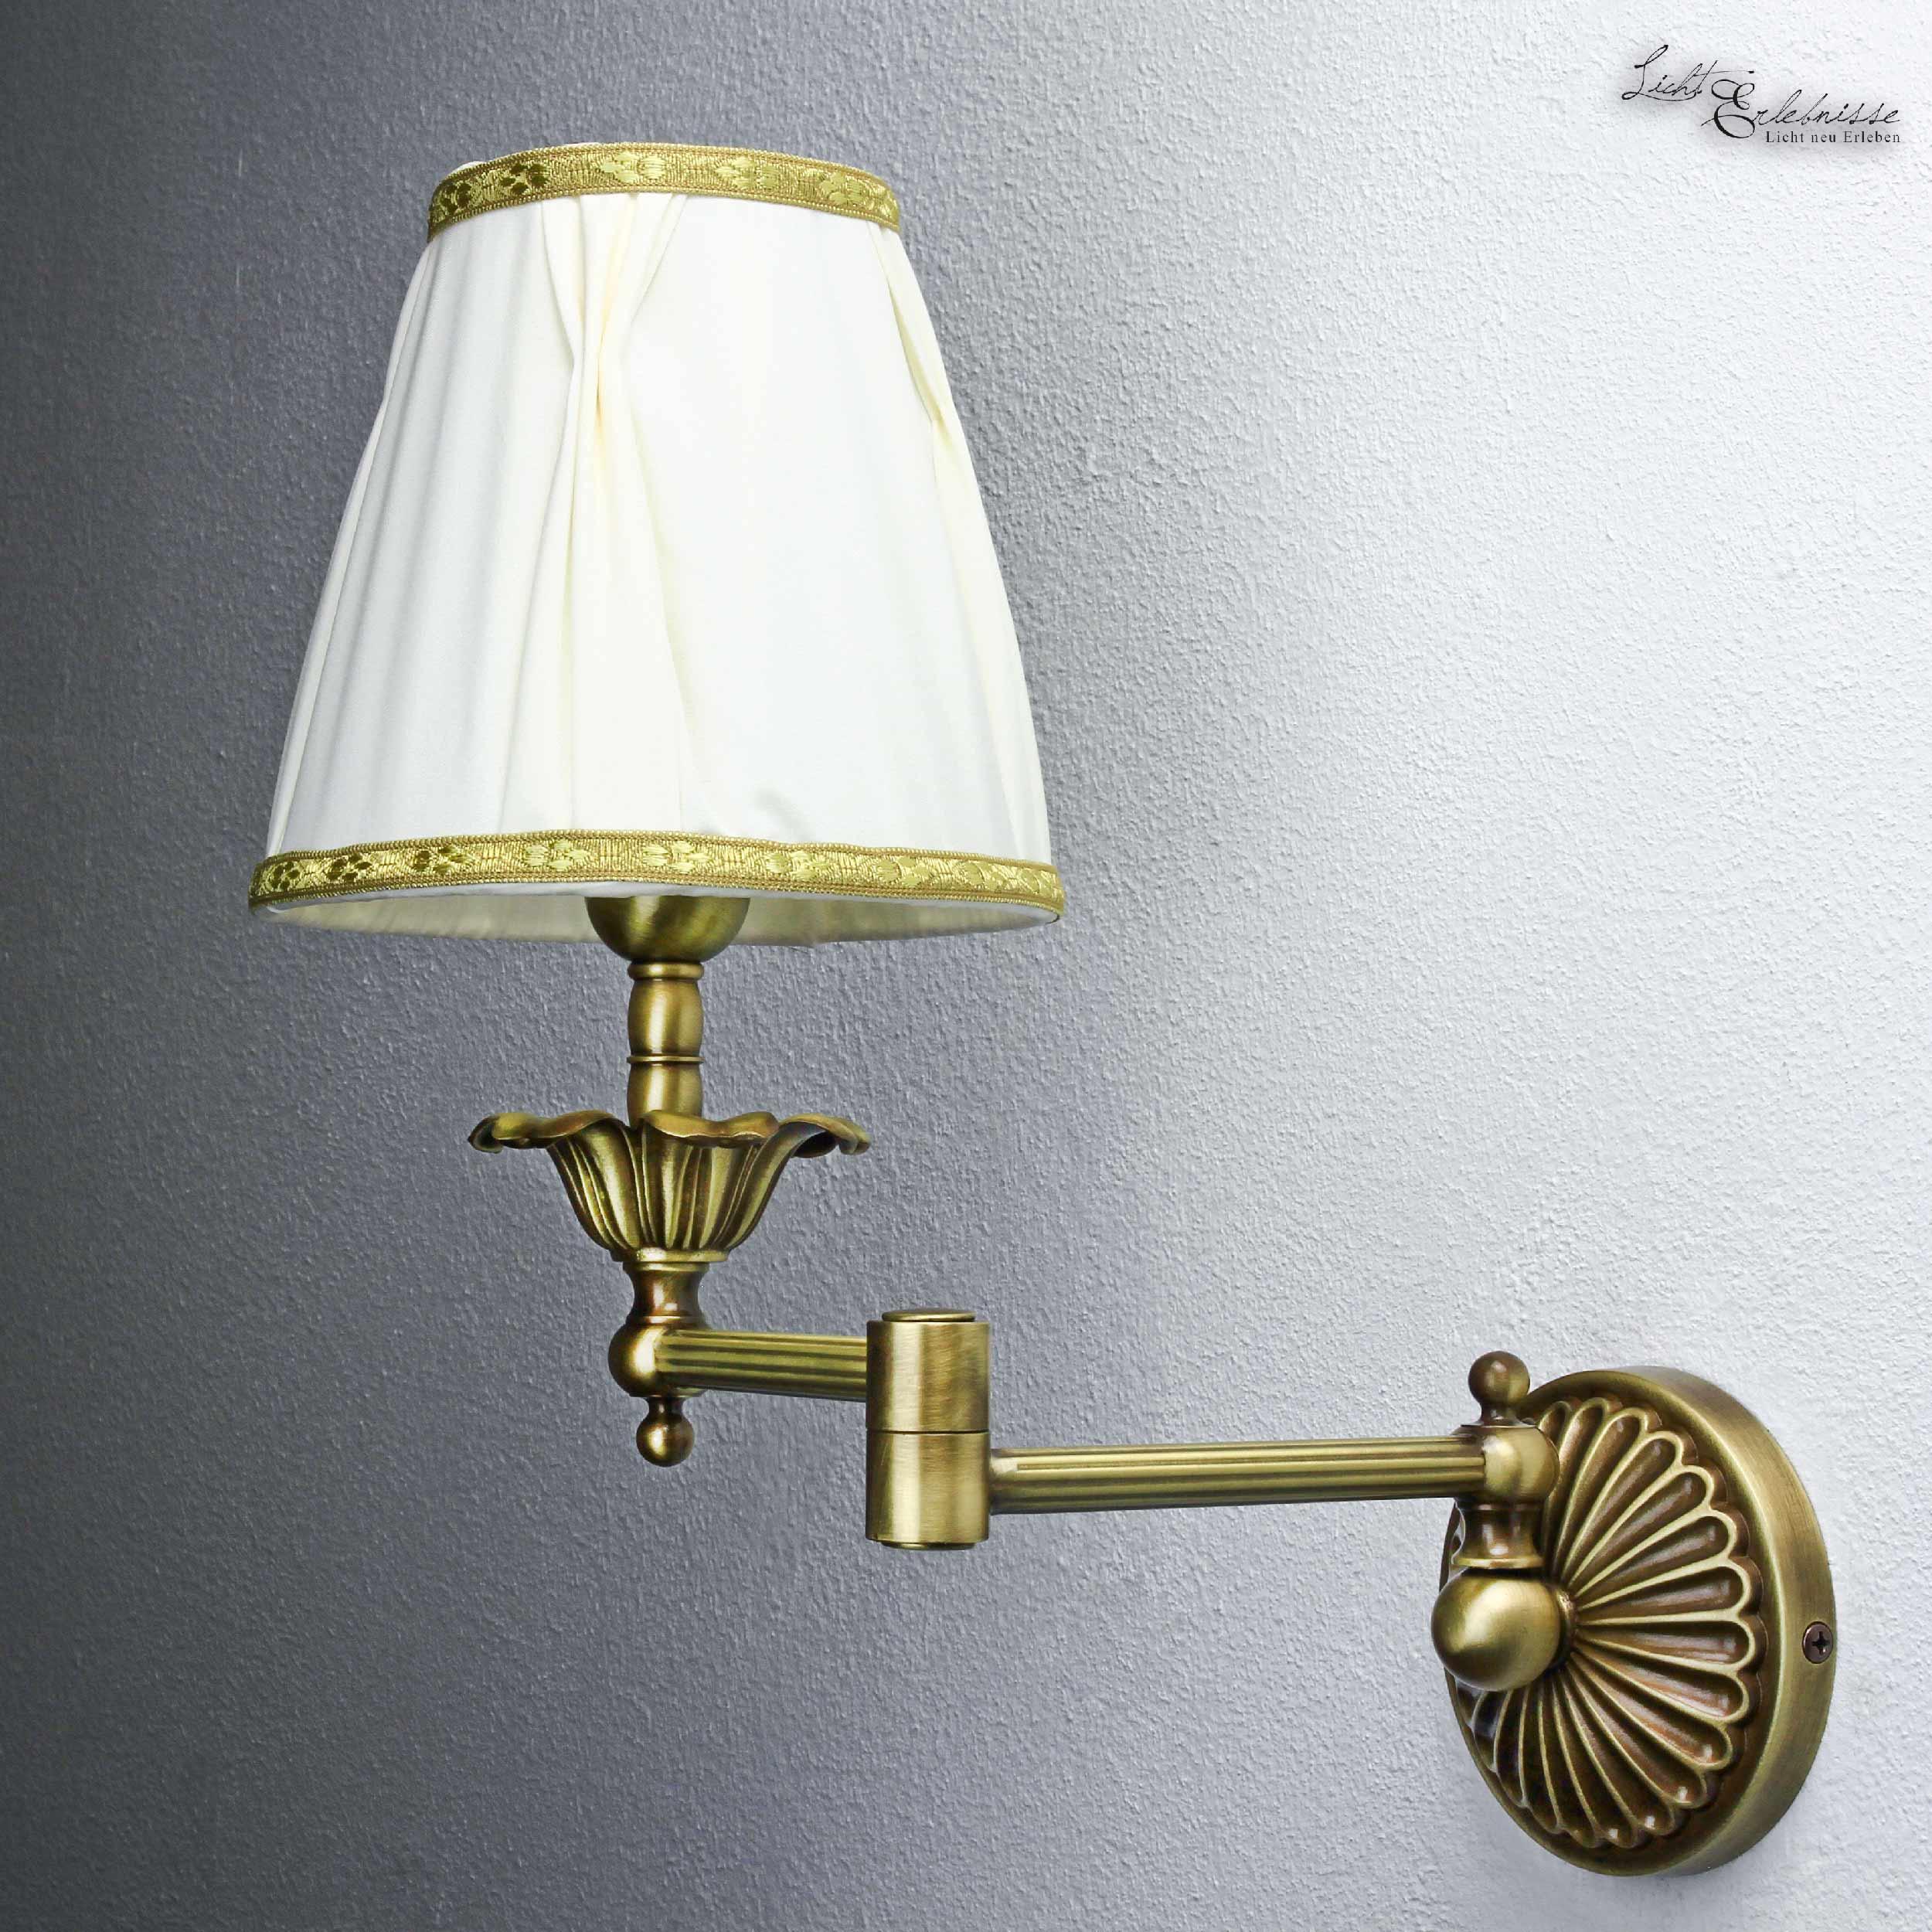 wandleuchte lampe wohnzimmer weiß stoff schwenkbar echt